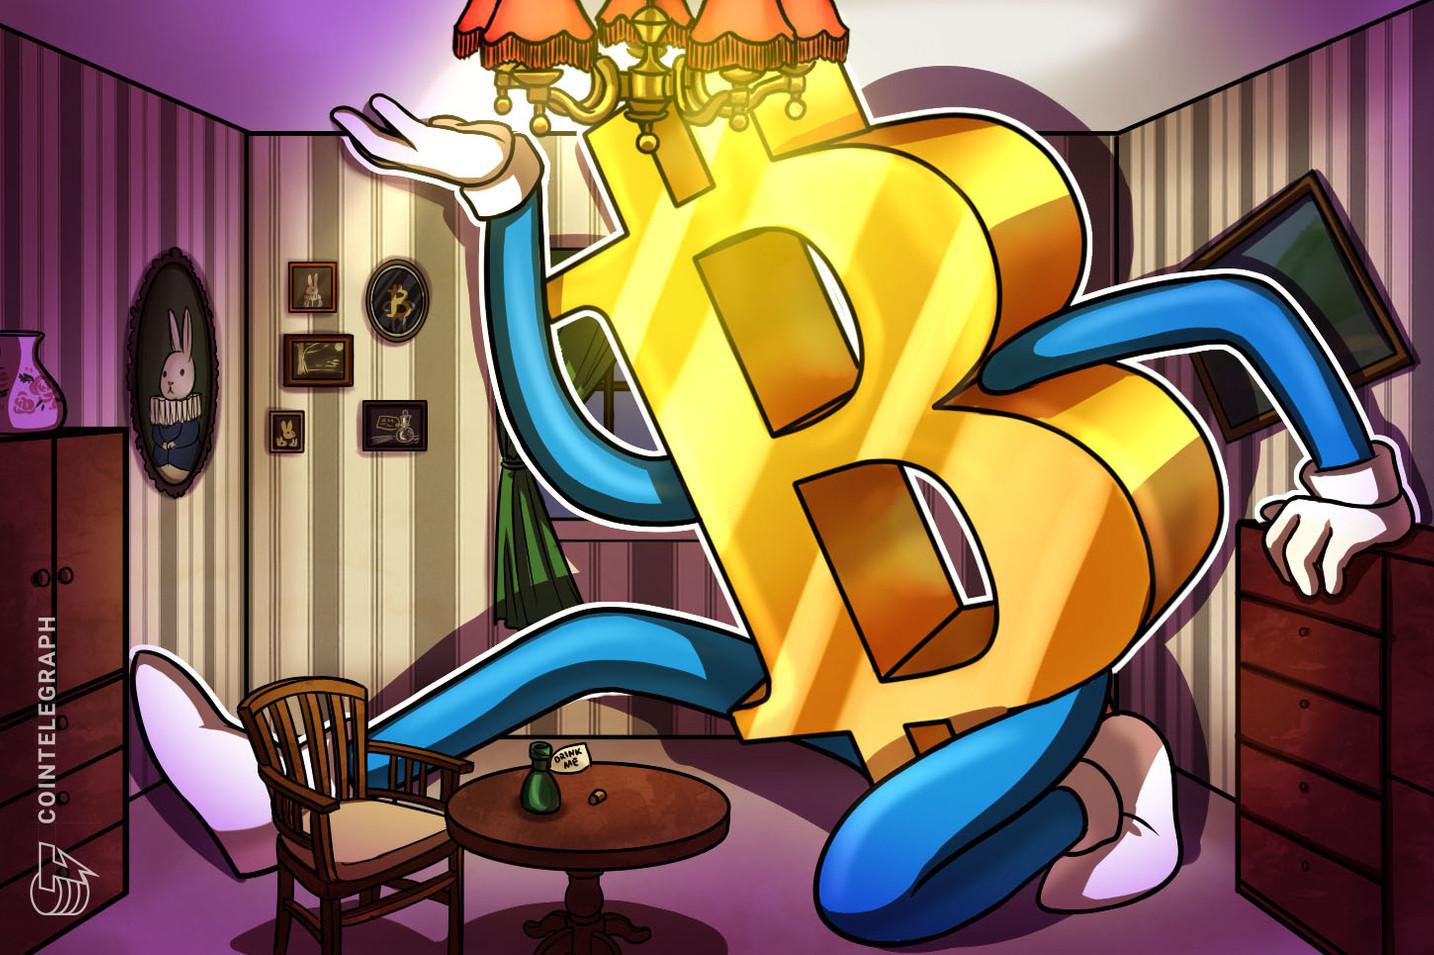 Bitcoin arriverà a 100.000$, attualmente in fase di accumulo, afferma ex analista di Goldman Sachs